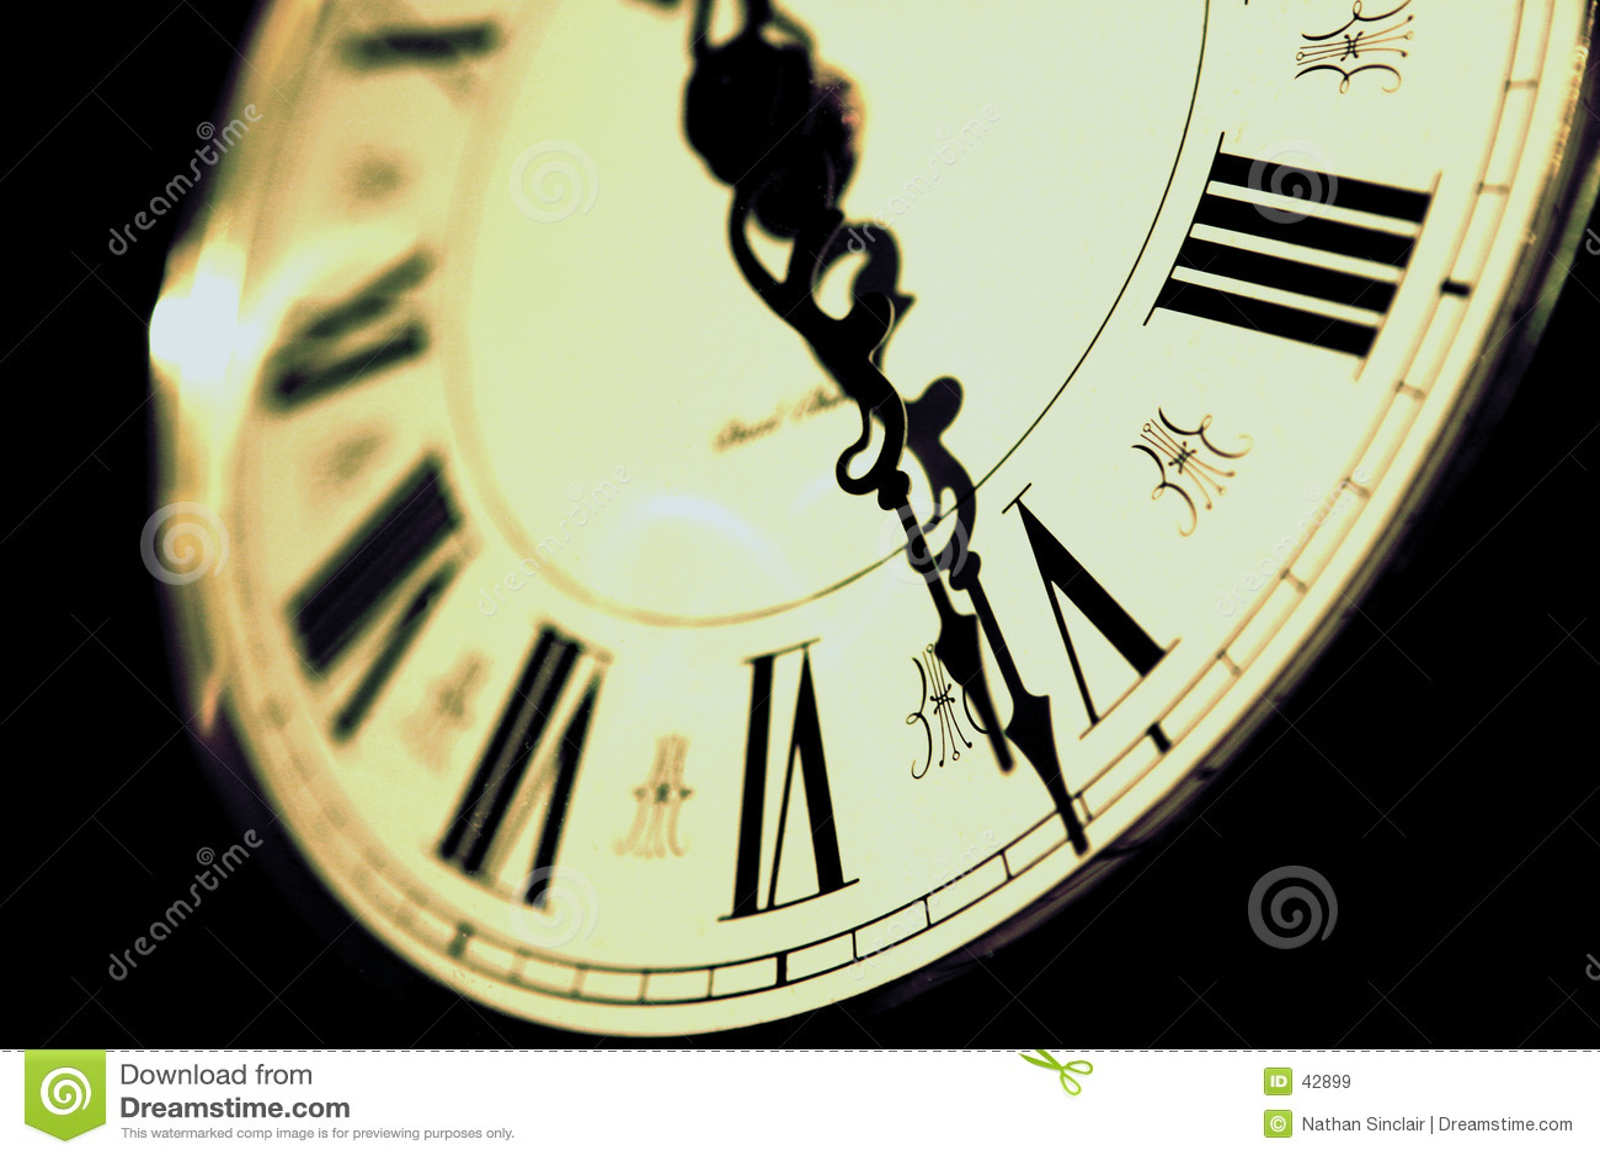 Download Reloj imagen de archivo. Imagen de círculo, fondo, mosca - 42899